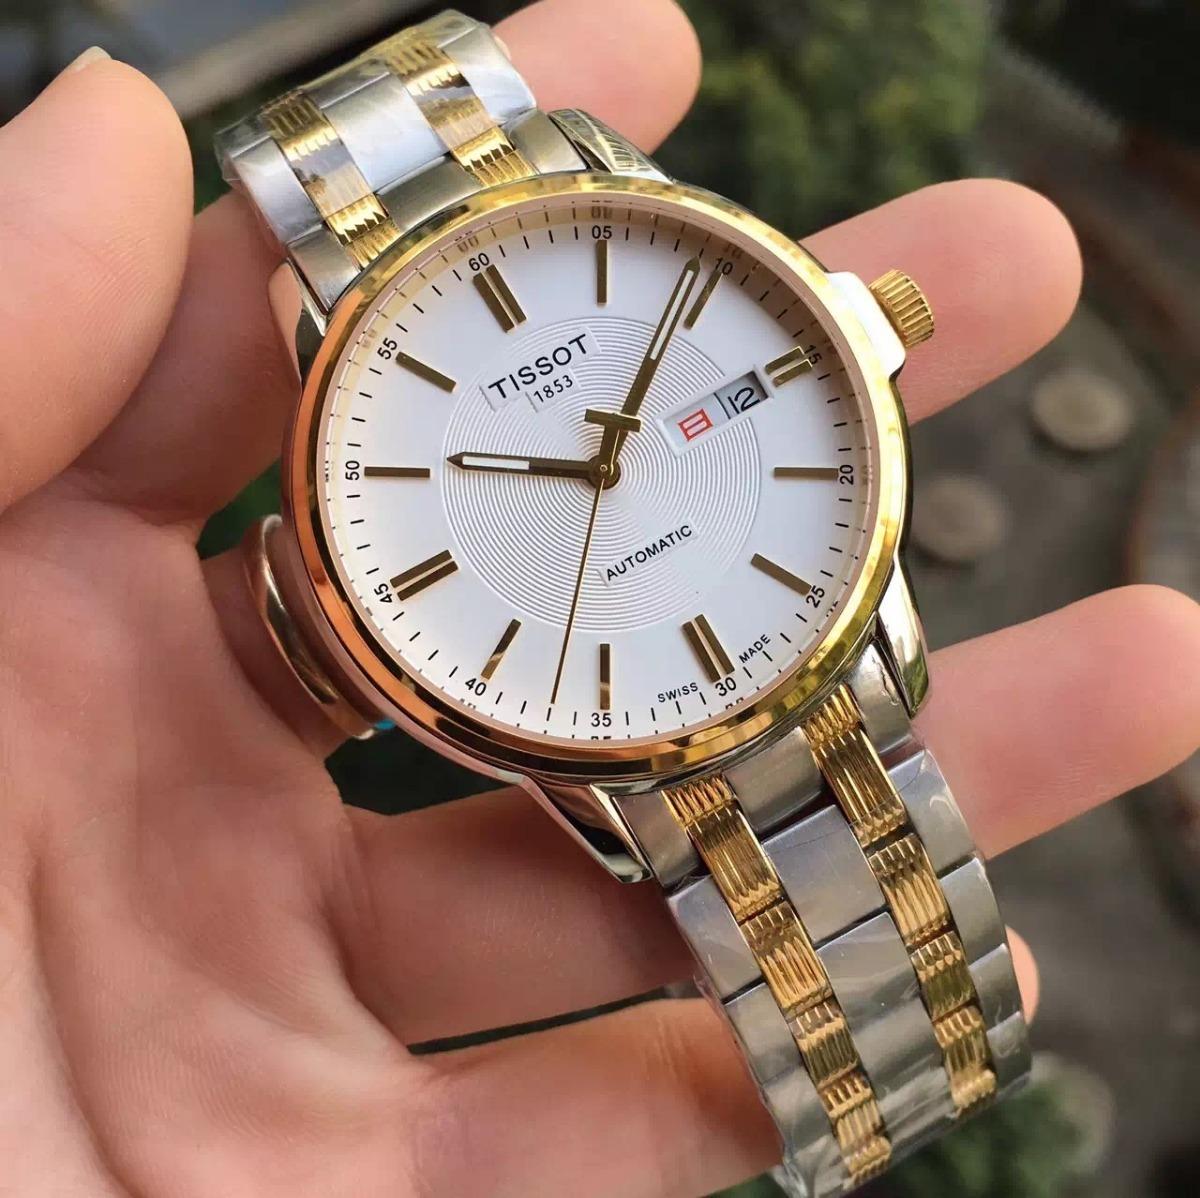 c53d91a1864 relógio tissot prs automático 1853 novo lacrado no plástico. Carregando  zoom.